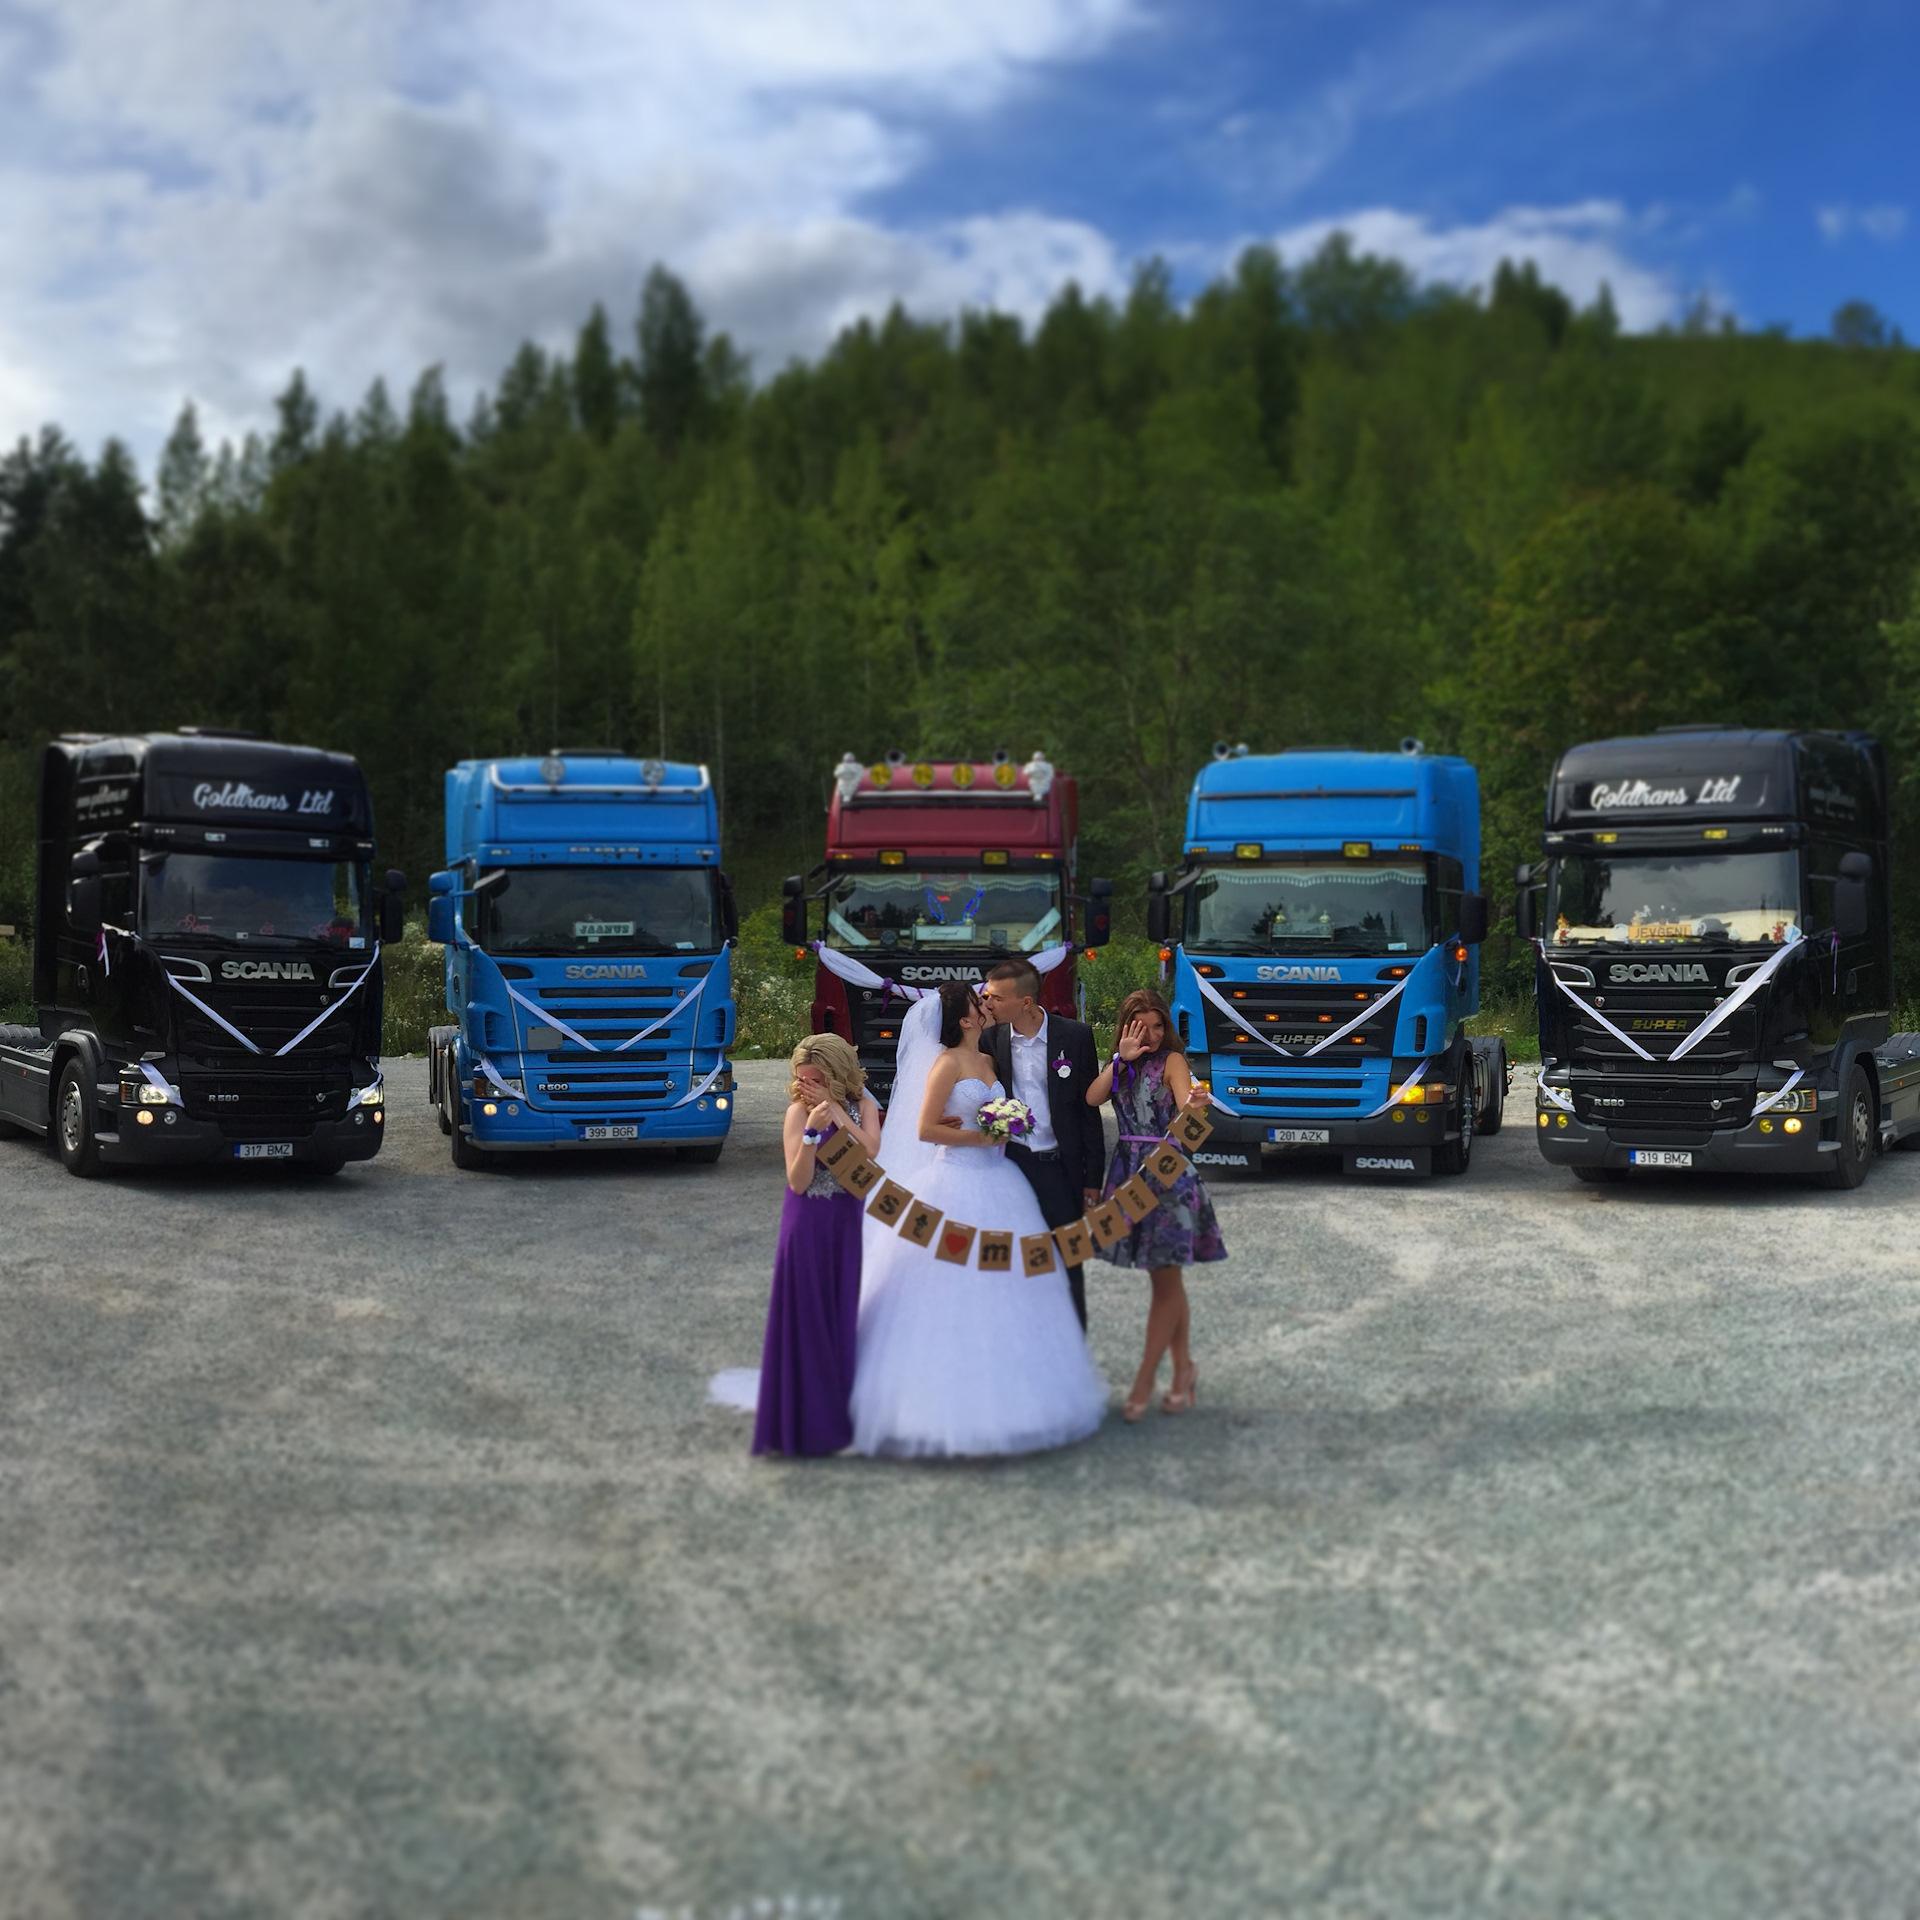 была свадьба дальнобойщика фото большого тенниса